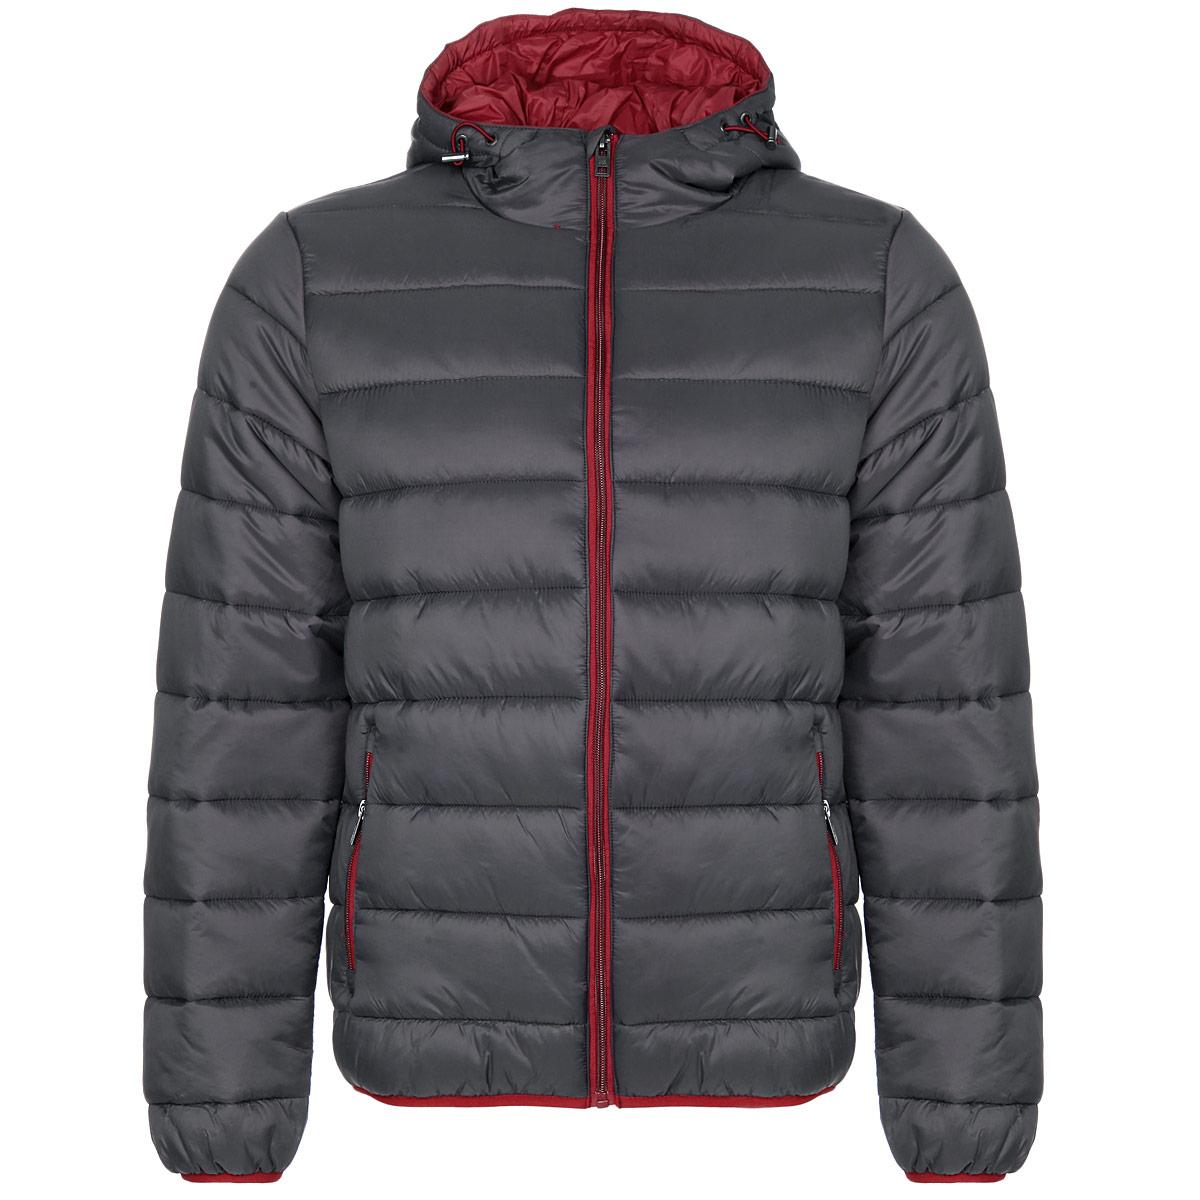 Куртка мужская F5 NY, цвет: темно-серый, бордовый. 06372. Размер L (50)06372Стильная мужская куртка F5 NY отлично подойдет для холодной погоды. Модель прямого кроя с длинными рукавами и капюшоном выполнена из высококачественного материала и застегивается на застежку-молнию. Изделие дополнено двумя втачными карманами на молниях спереди и двумя внутренними открытыми карманами. Манжеты рукавов и низ куртки оснащены узкими эластичными резинками. Объем капюшона регулируется шнурком-кулиской со стопперами. Куртка утеплена наполнителем Silk Floss, который обладает высокими теплоизолирующими свойствами и хорошей воздухопроницаемостью. Шелковистый эластичный наполнитель хорошо держит форму, благодаря чему изделие выглядит объемным и пышным. Эта модная и в то же время комфортная куртка - отличный вариант для уверенного в себе мужчины!